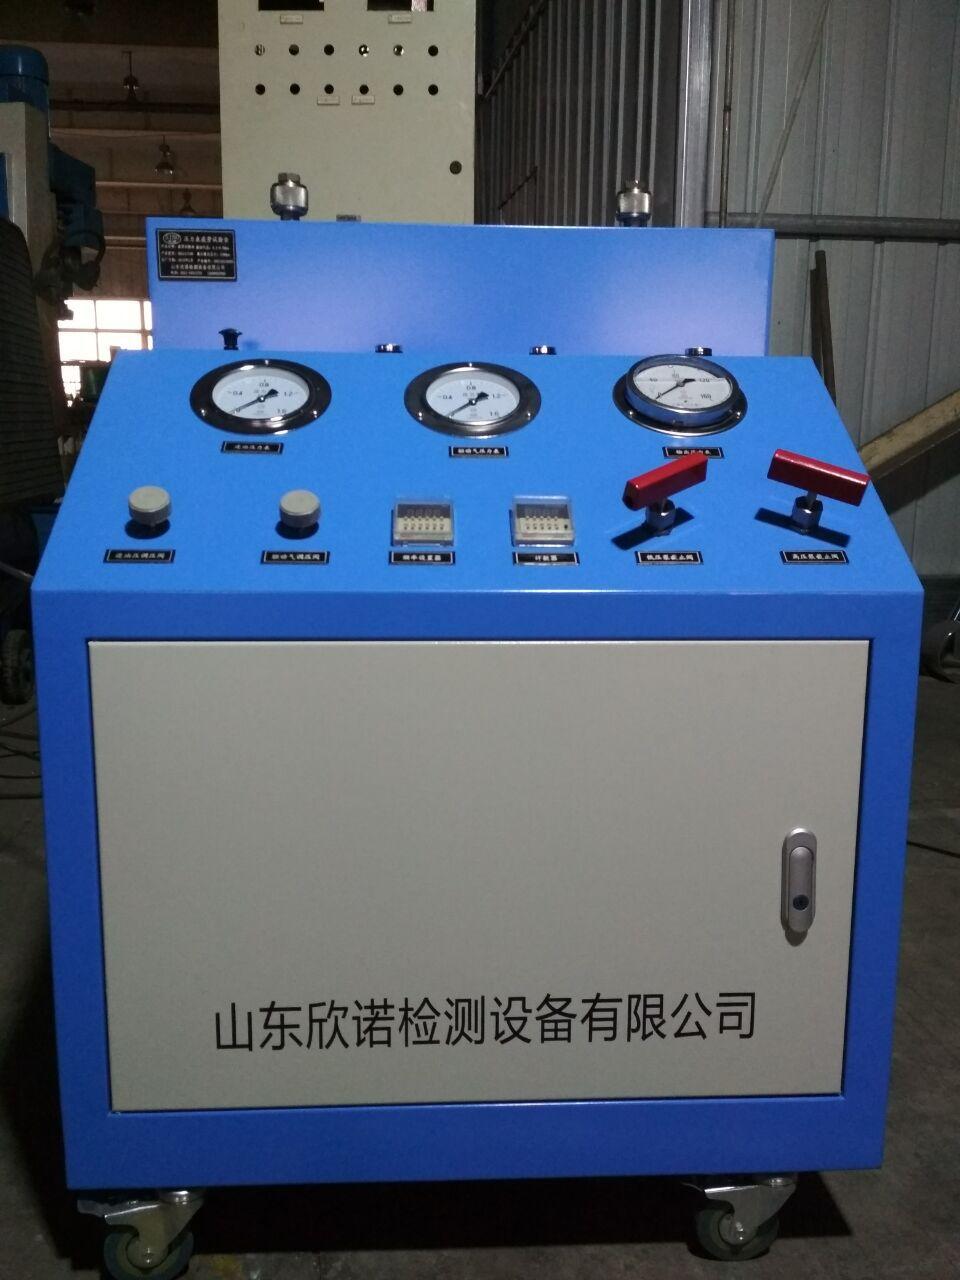 全封闭箱体美观大气 配置可选 易操作 空气驱动 压力表疲劳试验机示例图11